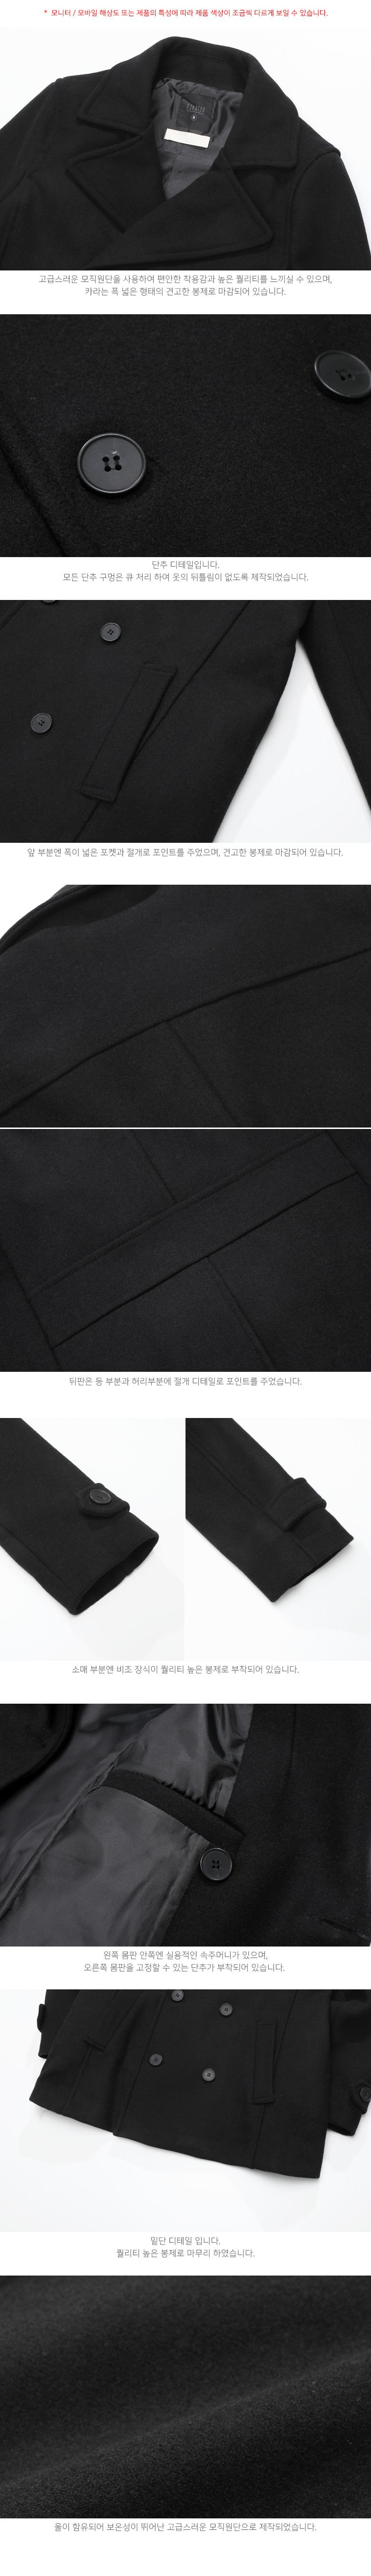 20190826_ez_cozyhalf_detail_bk_je_02.jpg